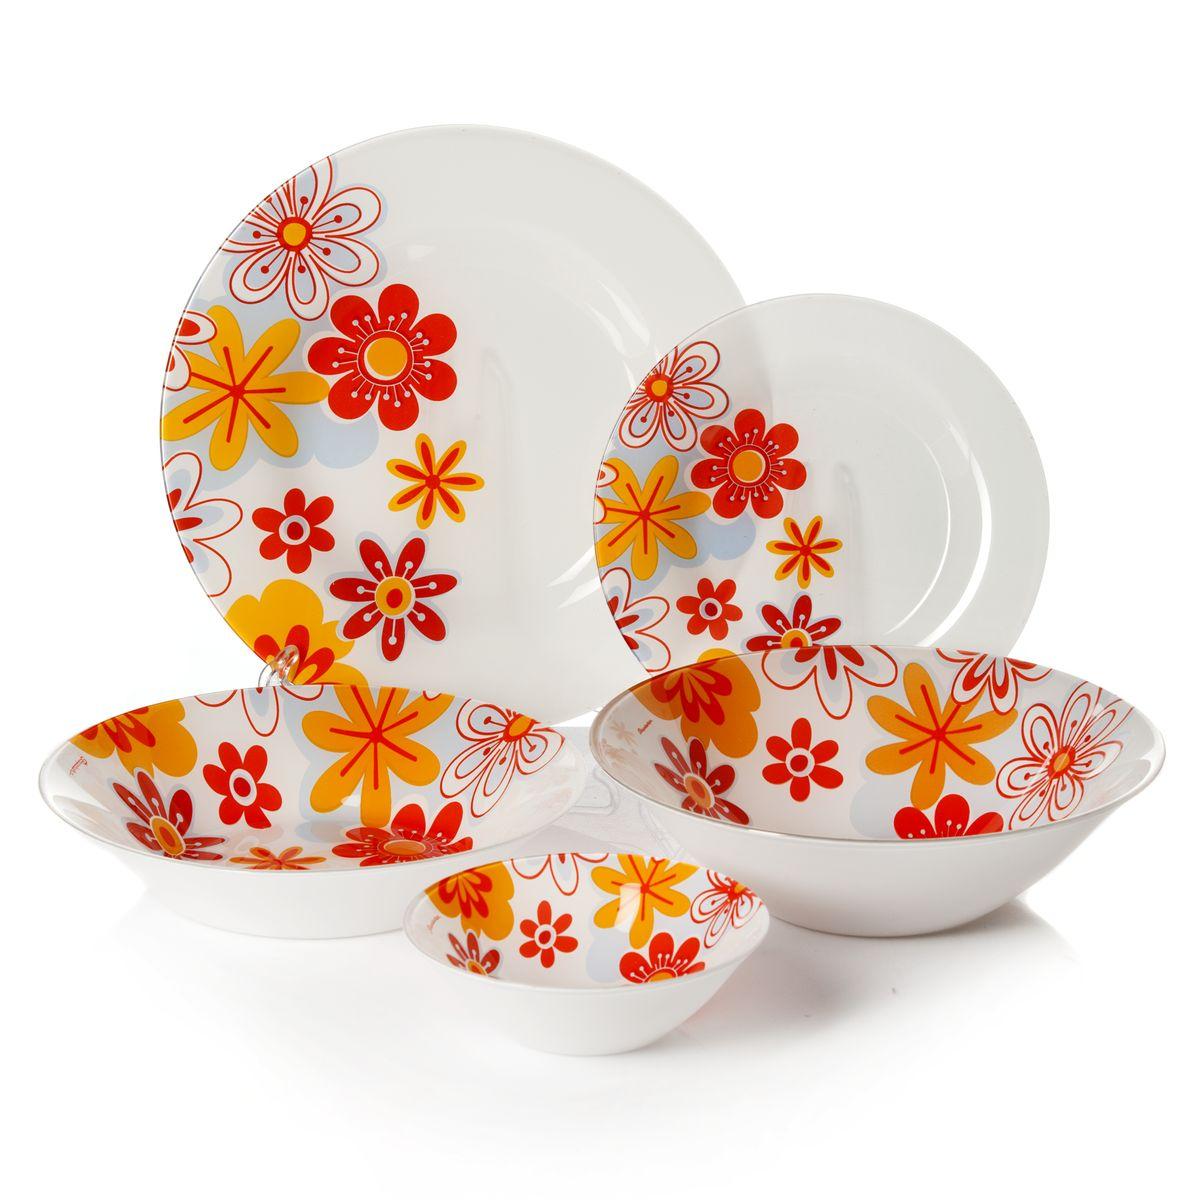 Набор посуды Pasabahce Workshop Summer, цвет: белый, оранжевый, голубой, 25 предметов95665BDНабор посуды Pasabahce Summer изготовлен из натрий-кальций-силикатного стекла. Предметы набора оформлены изящным цветочным рисунком. В набор входят: 6 тарелок диаметром 19,5 см, 6 тарелок диаметром 26 см, 6 тарелок диаметром 22 см, 6 салатников диаметром 14 см, салатник диаметром 23 см. Набор создаст отличное настроение во время обеда, будет уместен на любой кухне и понравится каждой хозяйке. Практичный и современный дизайн делает набор довольно простым и удобным в эксплуатации. Изделия можно мыть в посудомоечной машине. Количество тарелок: 18 шт. Диаметры тарелок: 19,5 см (6 шт), 22 см (6 шт), 26 см (6 шт). Высота стенок тарелок: 1,5 см, 4,5 см, 2 см. Количество салатников: 7 шт. Диаметры салатников: 14 см (6 шт), 23 см (1 шт). Высота стенок салатников: 4,5 см, 6,5 см.